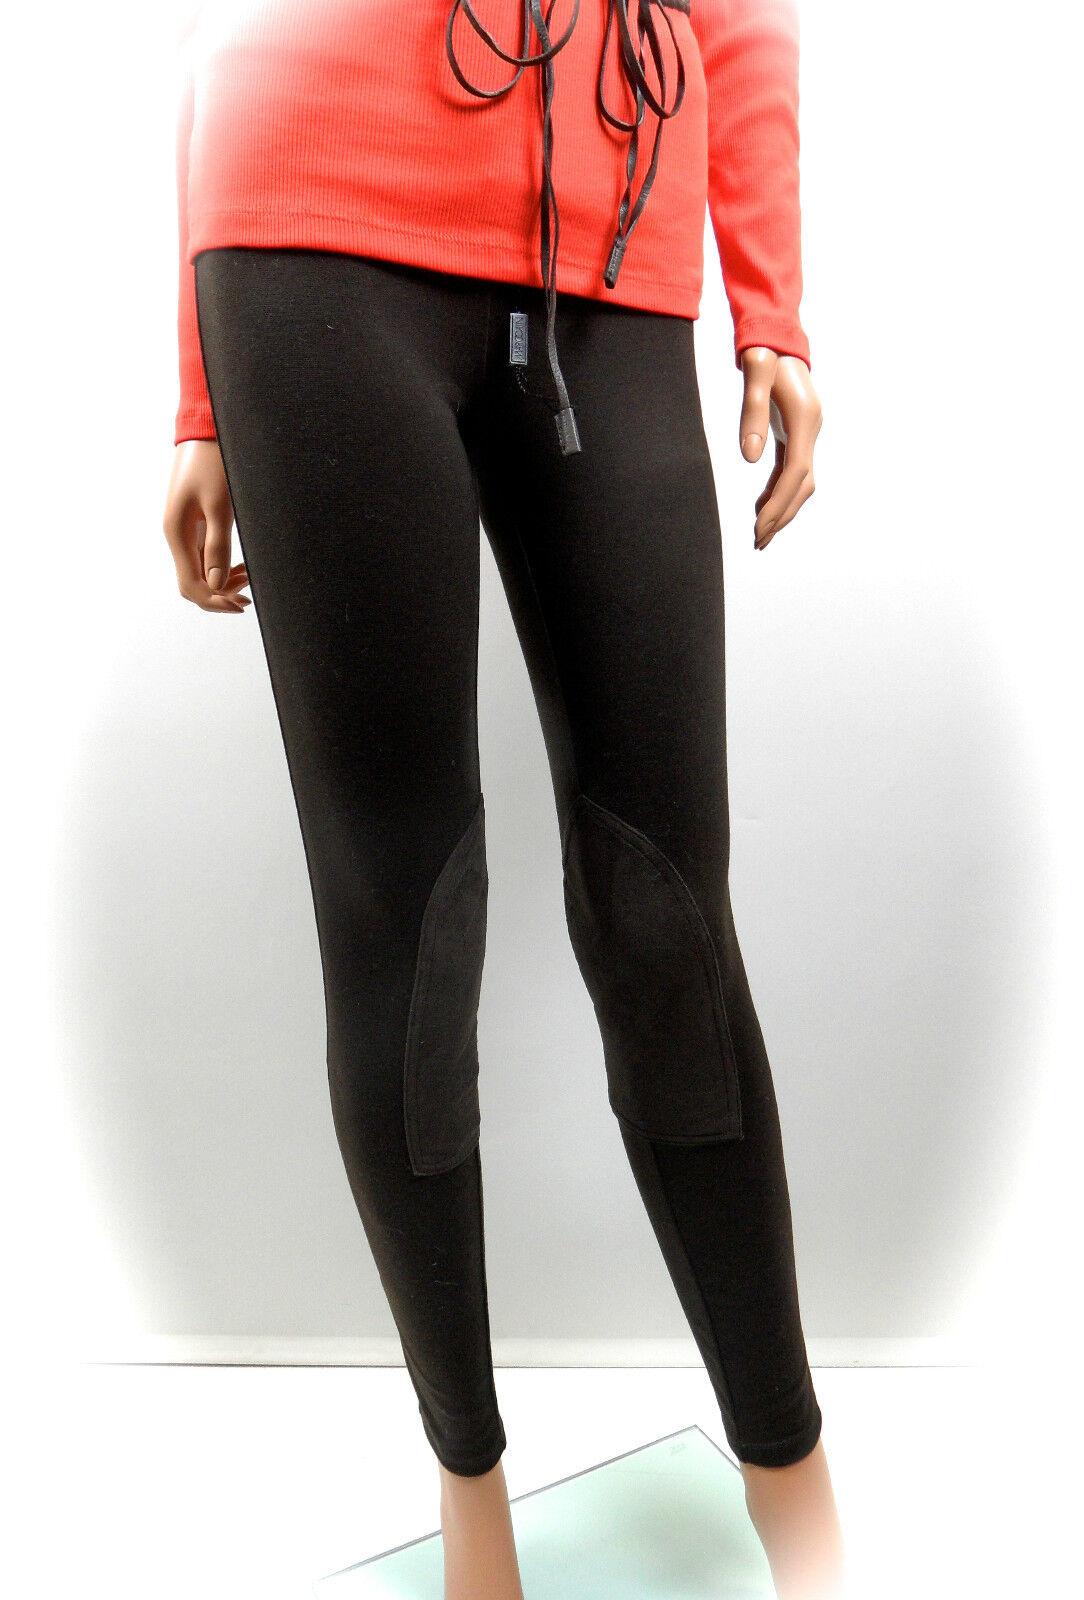 Ralph Lauren Lauren Lauren combinata parte legging pantaloni XL Marronee Scuro Nuovo 251d52